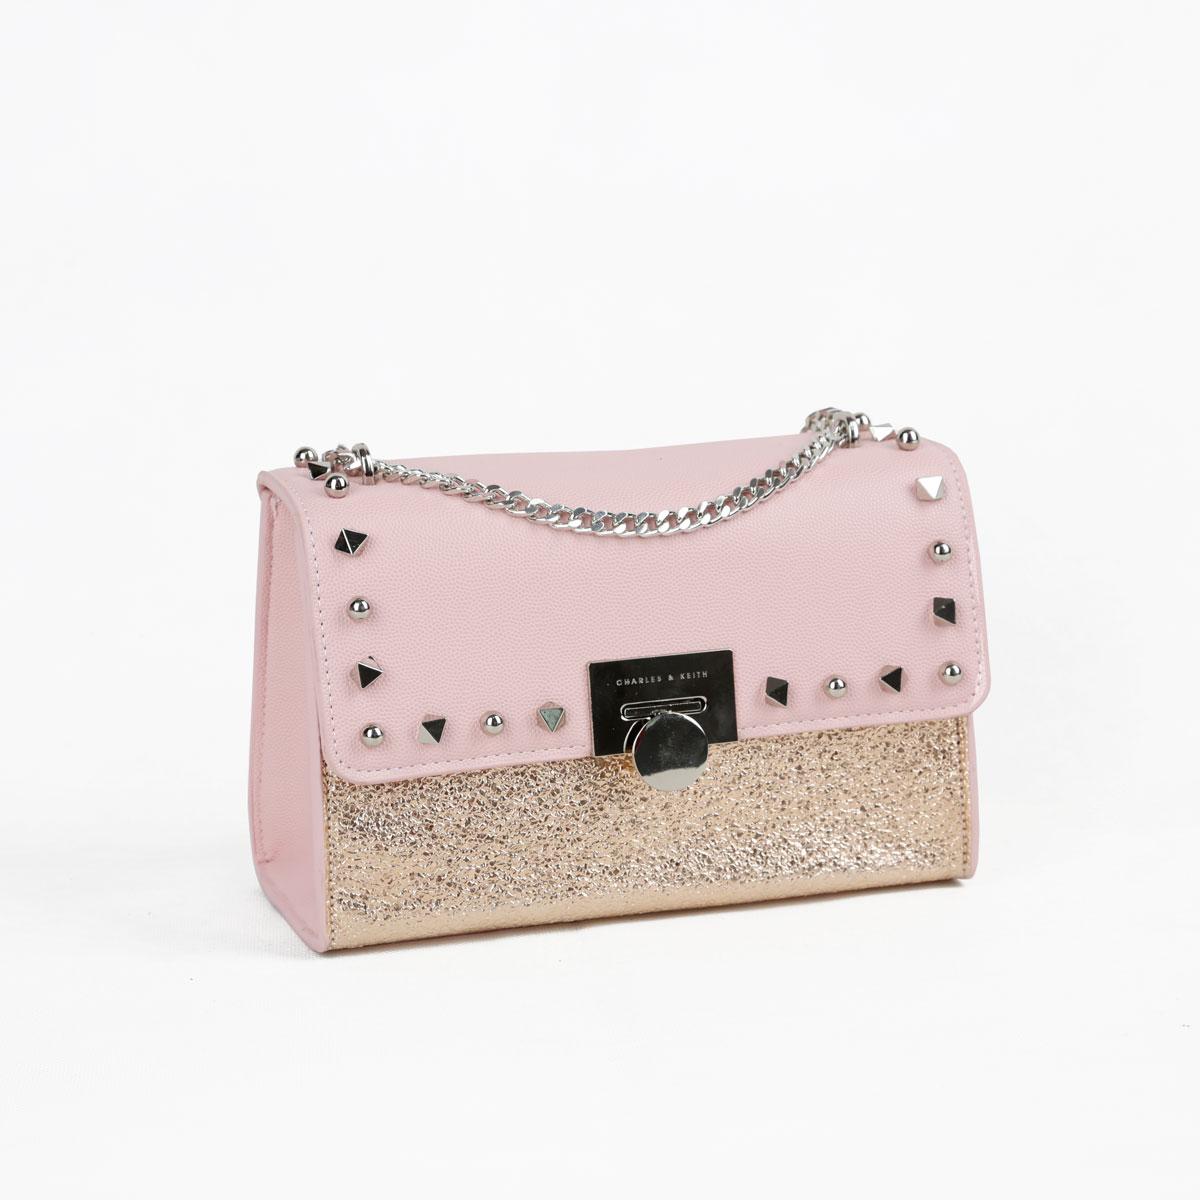 Jual Tas Branded Ck studd glitter semor 22 cm pink Murah Kwalitas Tas  Import  7314d0d8c2